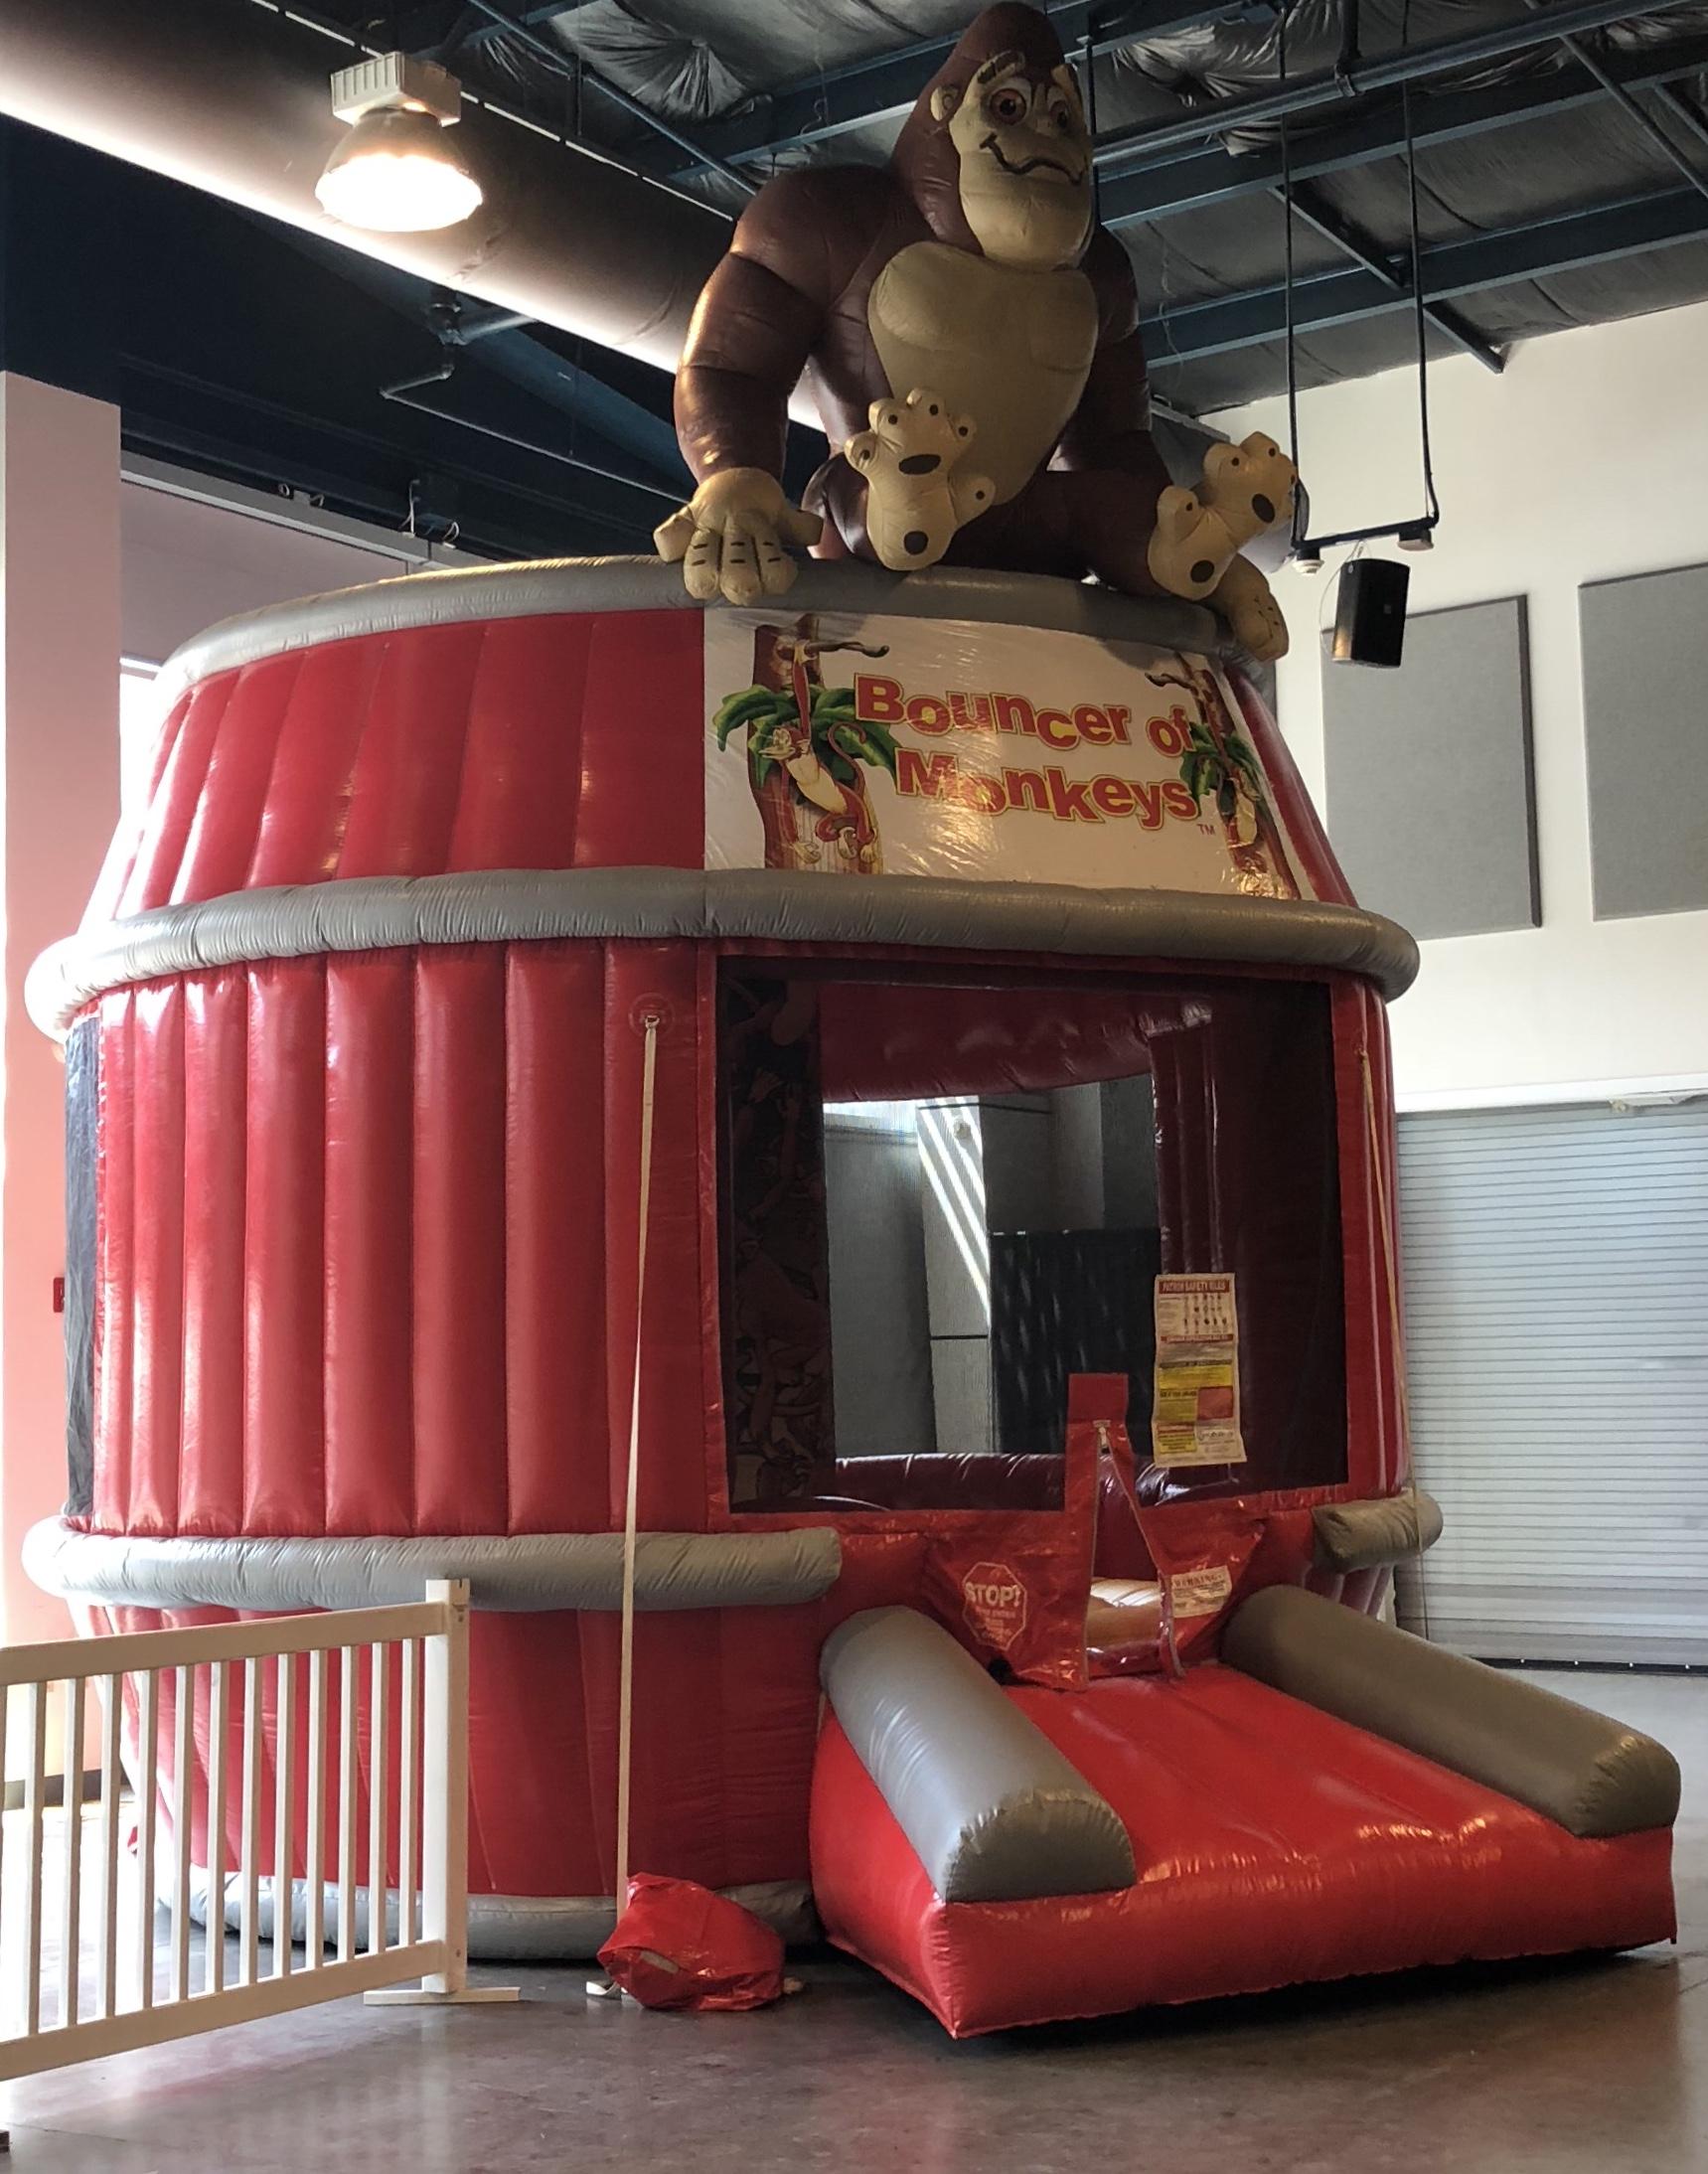 bounce house rental Niagara Falls ny